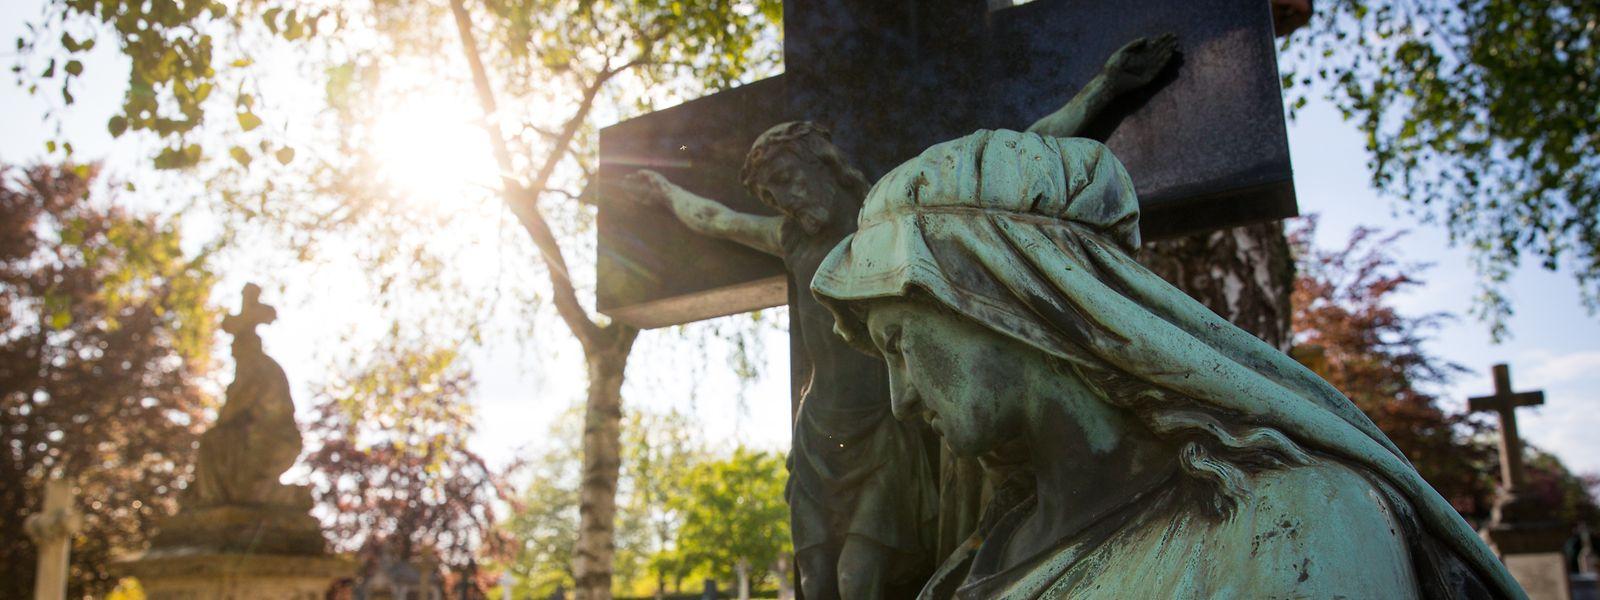 Allein gestorben – allein begraben, hatte Nadine Braconnier den Facebook-Beitrag zum Tod ihrer Großmutter betitelt. Begräbnisse sind bis zu einer Zahl von 20 Teilnehmern erlaubt und von heute an wird es auch wieder Zeremonien beim Krematorium in Hamm geben.